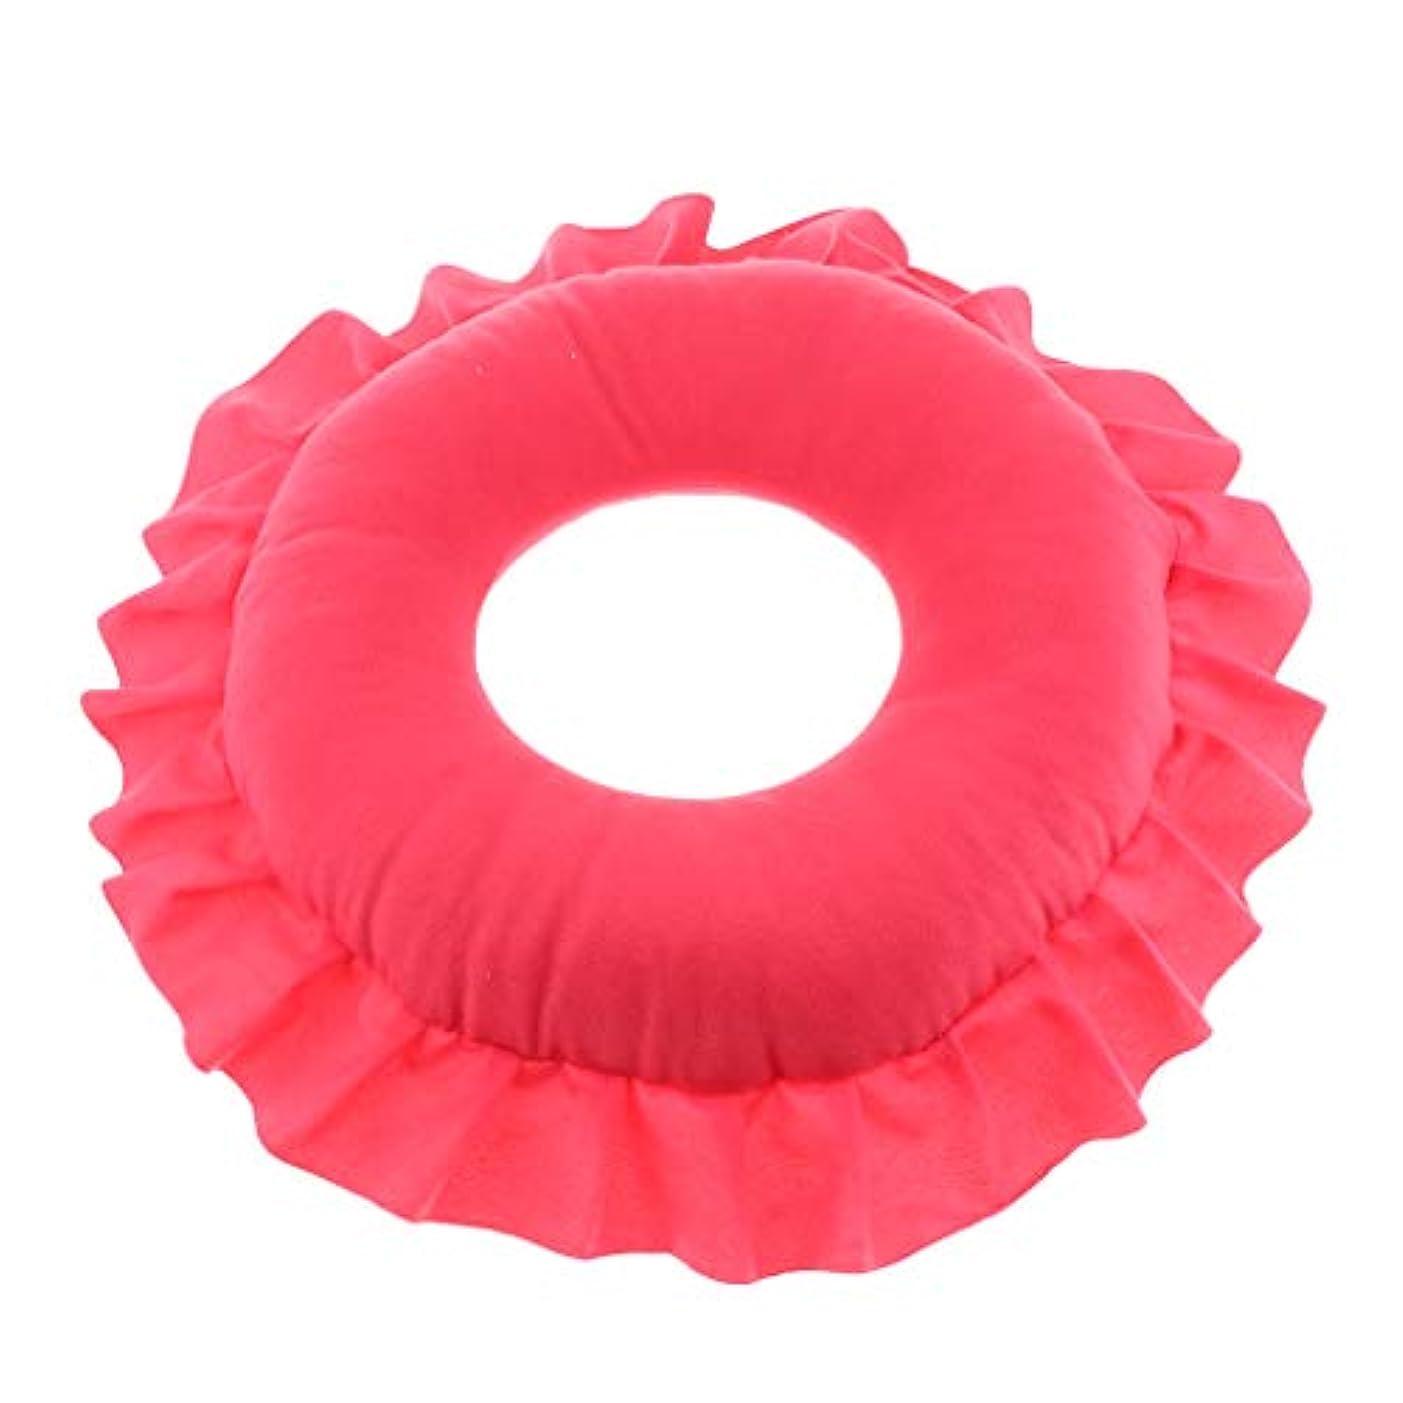 アトラスハッチ飽和するFLAMEER 全4色 フェイスピロー 顔枕 マッサージピロー クッション 美容院 快適 洗える 実用的 - 赤